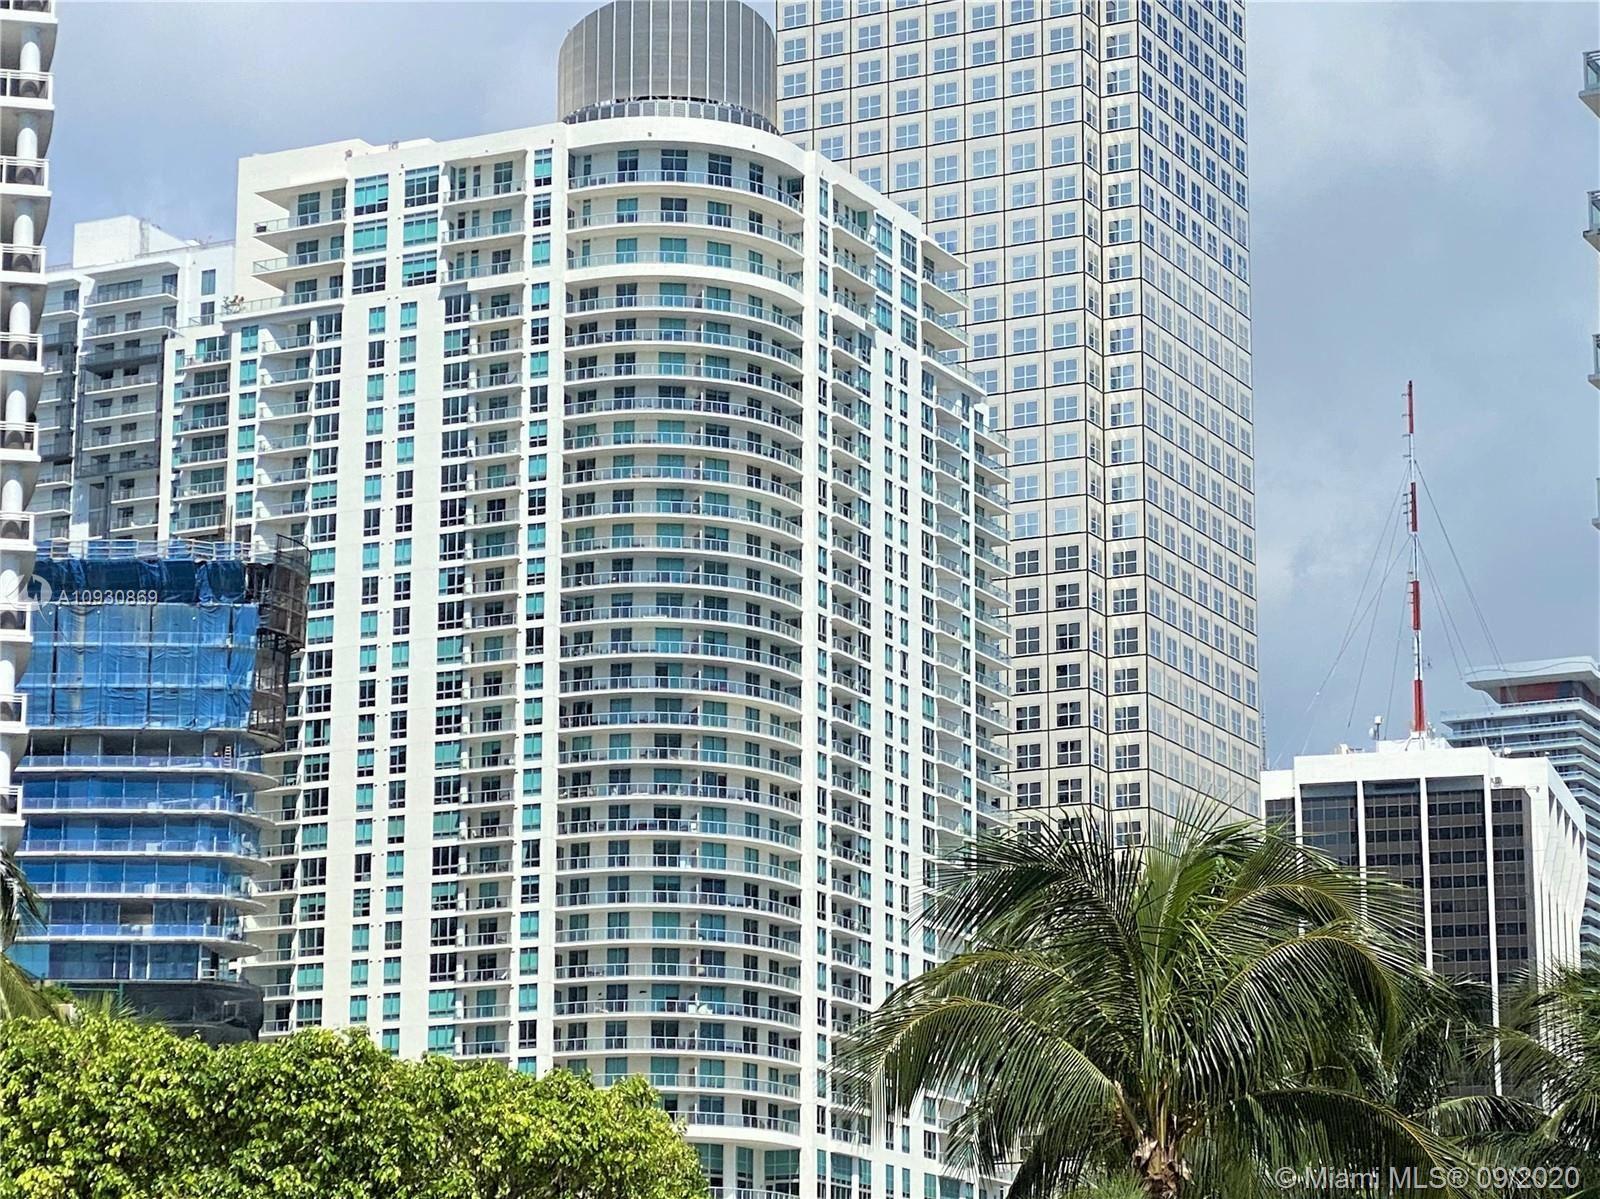 300 S Biscayne Blvd #T-2904, Miami, FL 33131 - #: A10930869